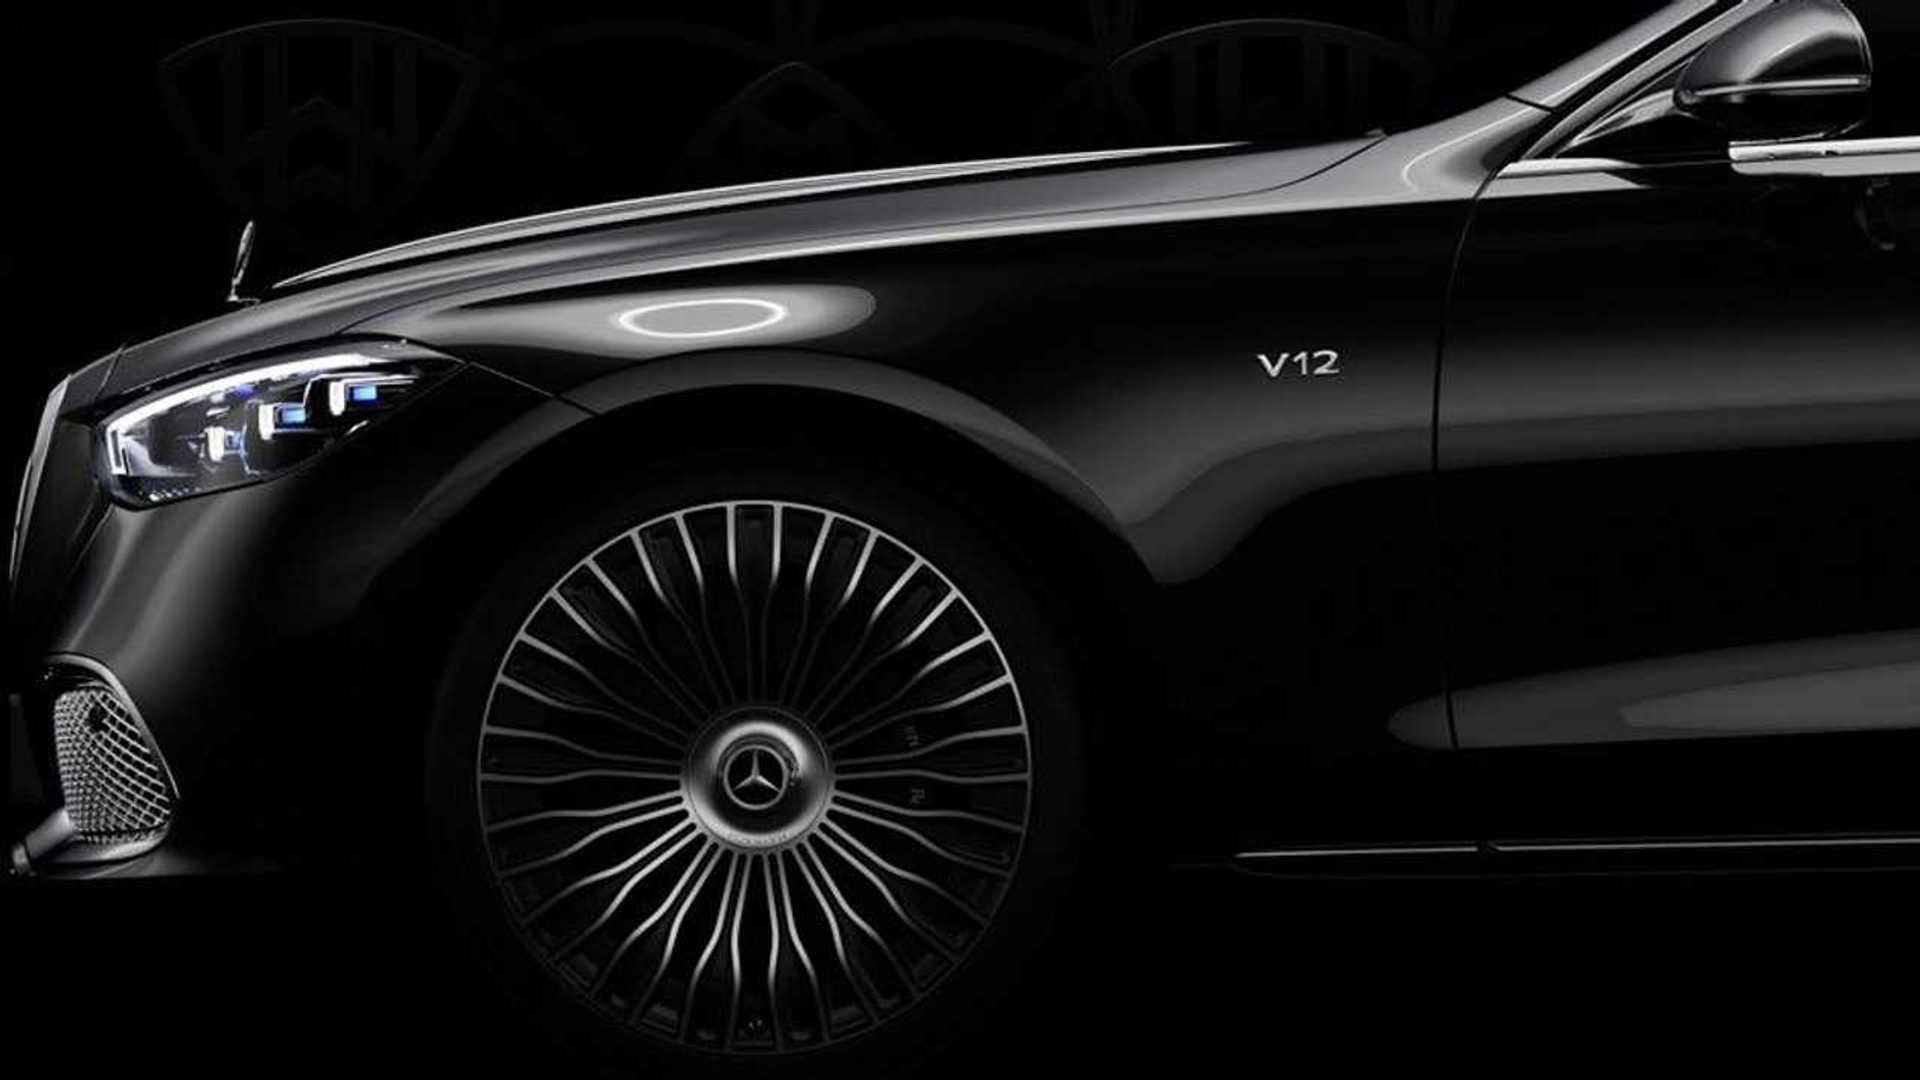 Zwiastun Mercedesa Klasy S z silnikiem V12 na 100-rocznicę Maybacha